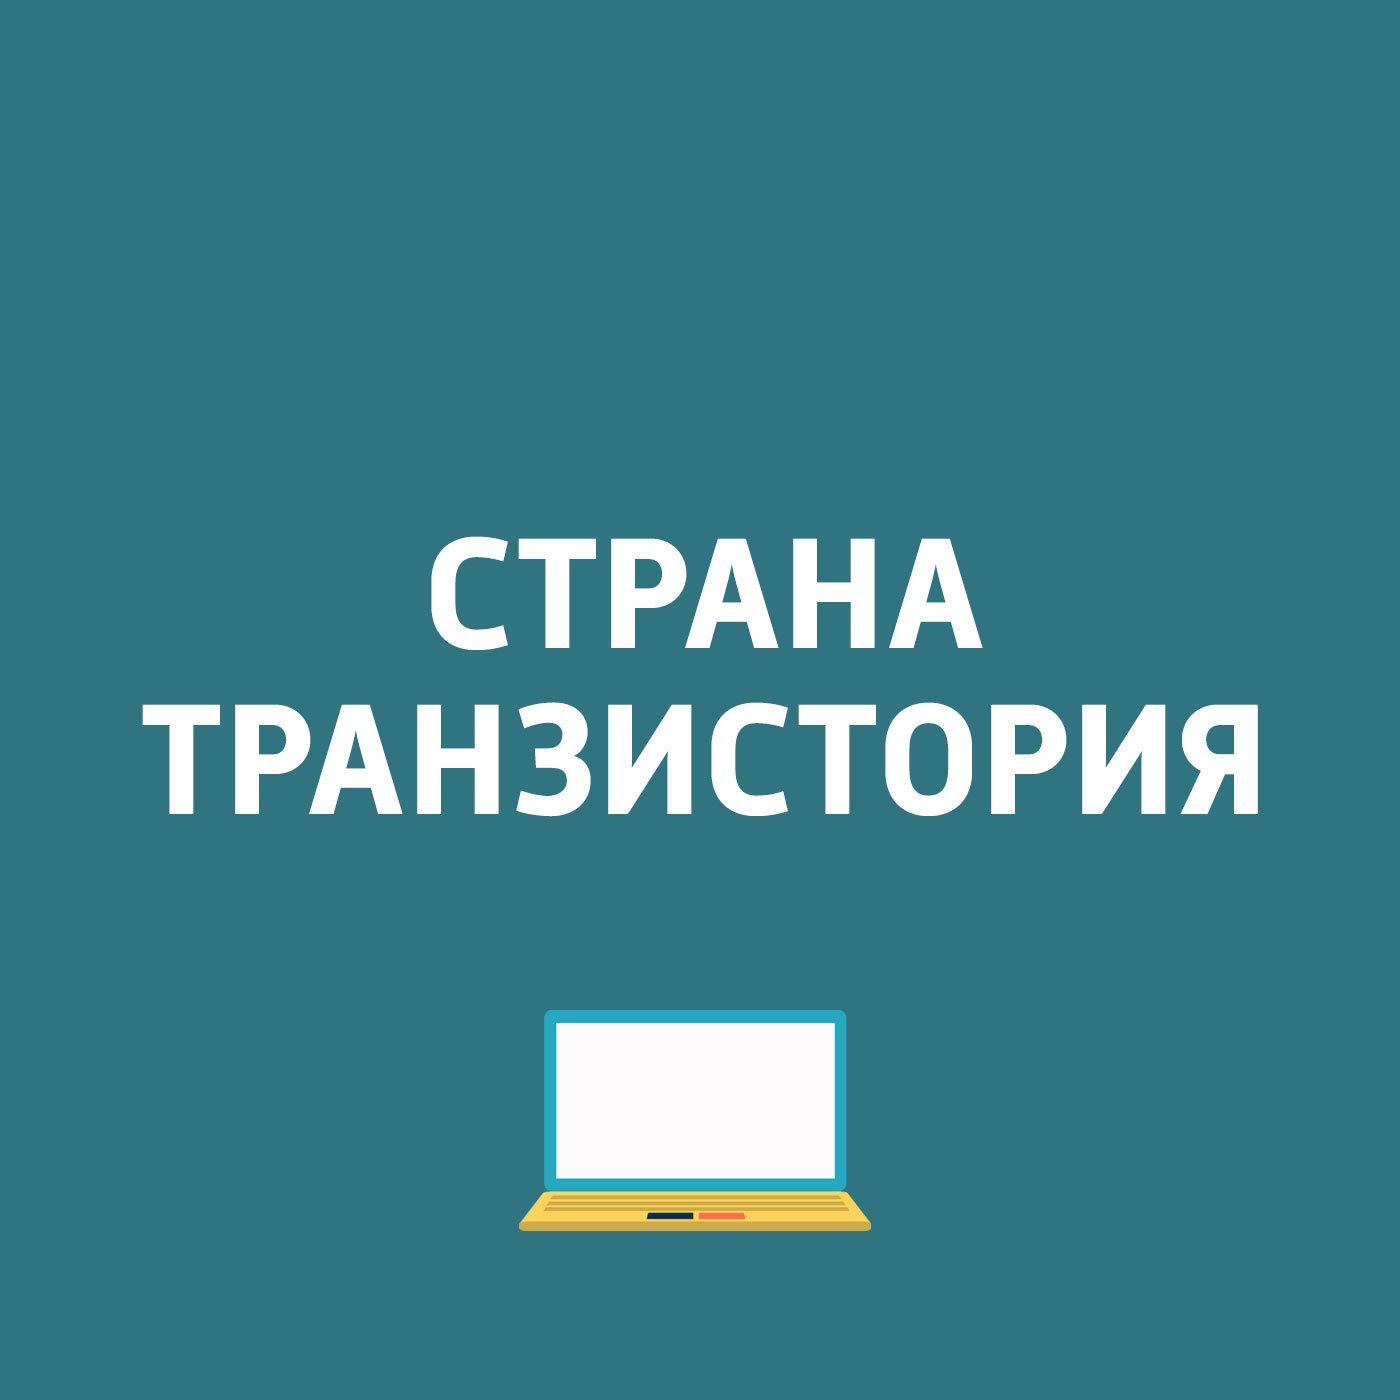 Картаев Павел Начало продаж в России Nokia 1 и Nokia 2.1; Отчёт по продажам компьютеров в мире за второй квартал 2018 года; Азбука Морзе для iOS картаев павел hmd global выпустила смартфон nokia 8 eset обнаружила вирус для устройств на андроиде